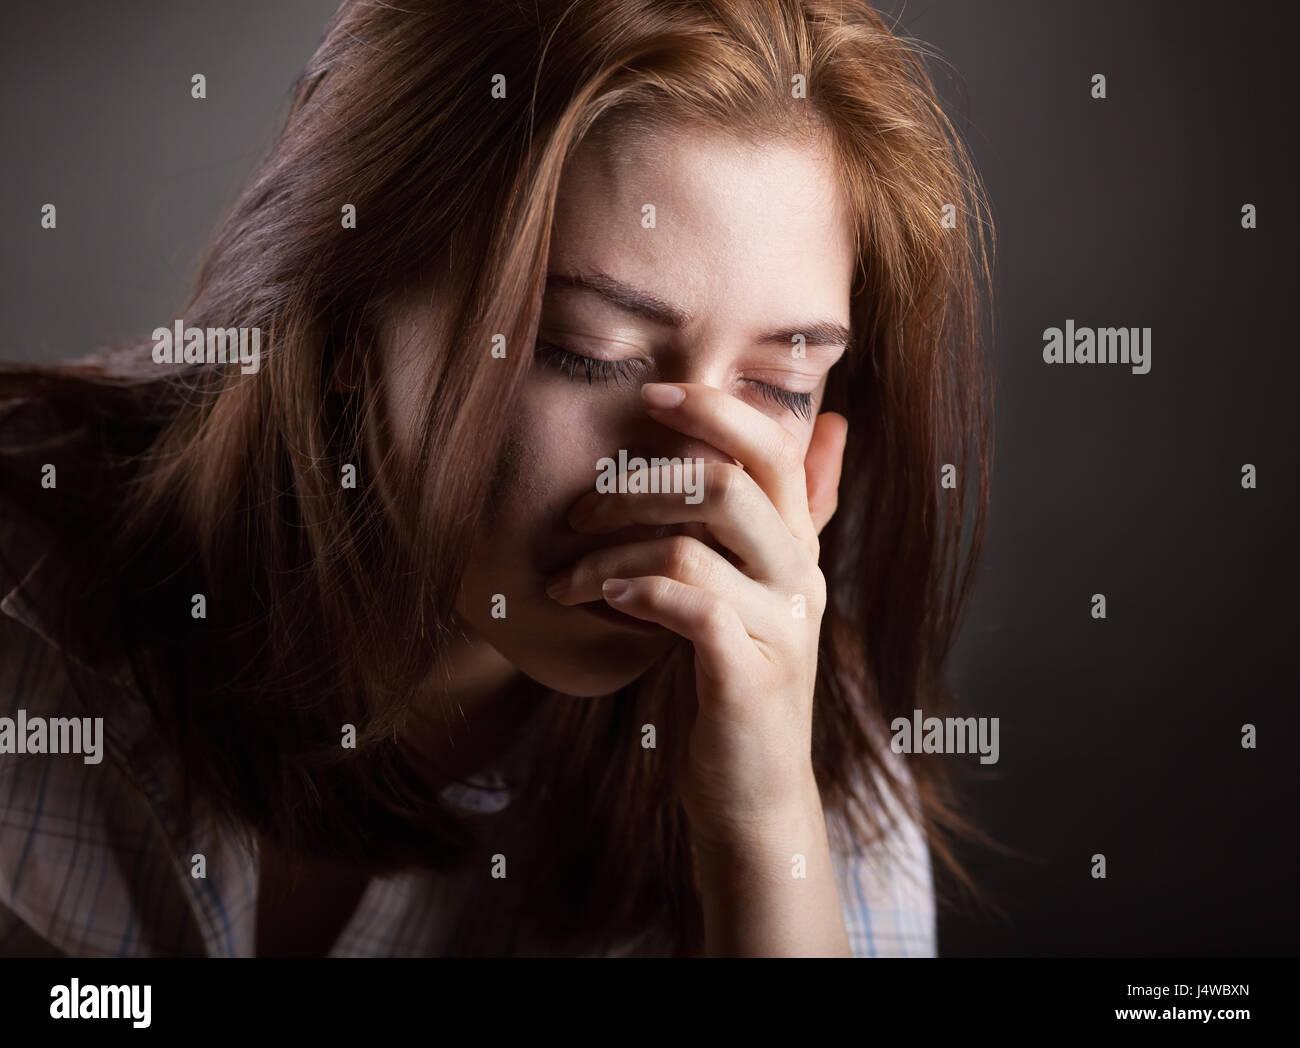 Il pianto della donna su sfondo scuro Immagini Stock